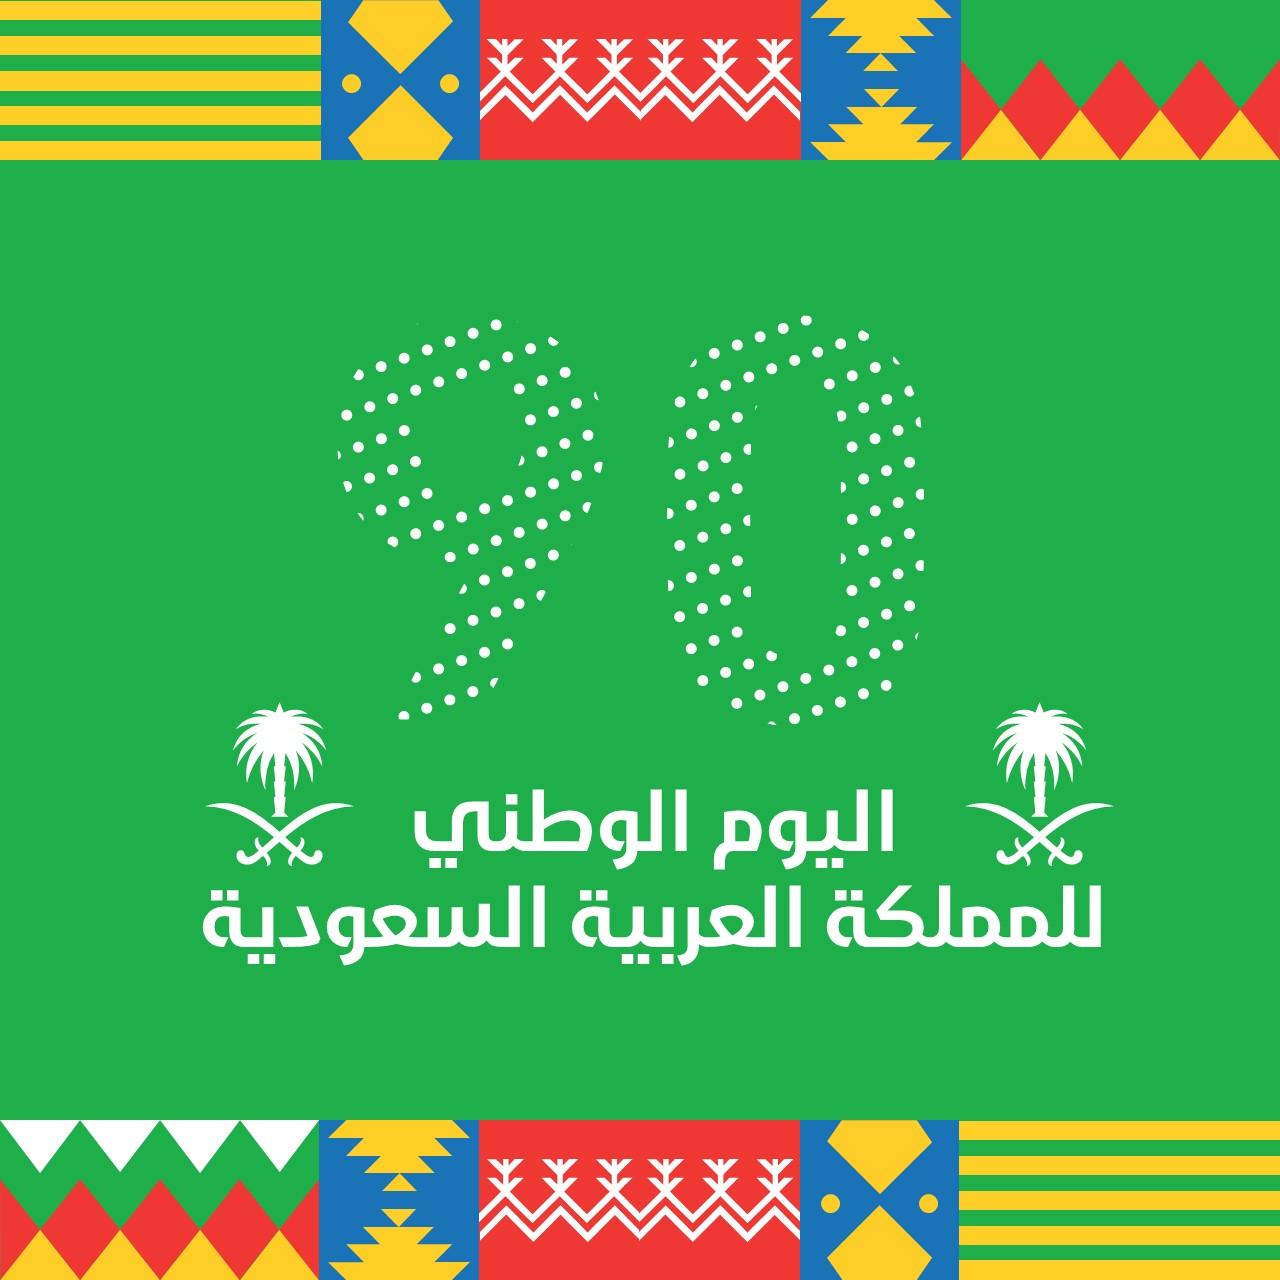 بوربوينت جاهز عن اليوم الوطني السعودي